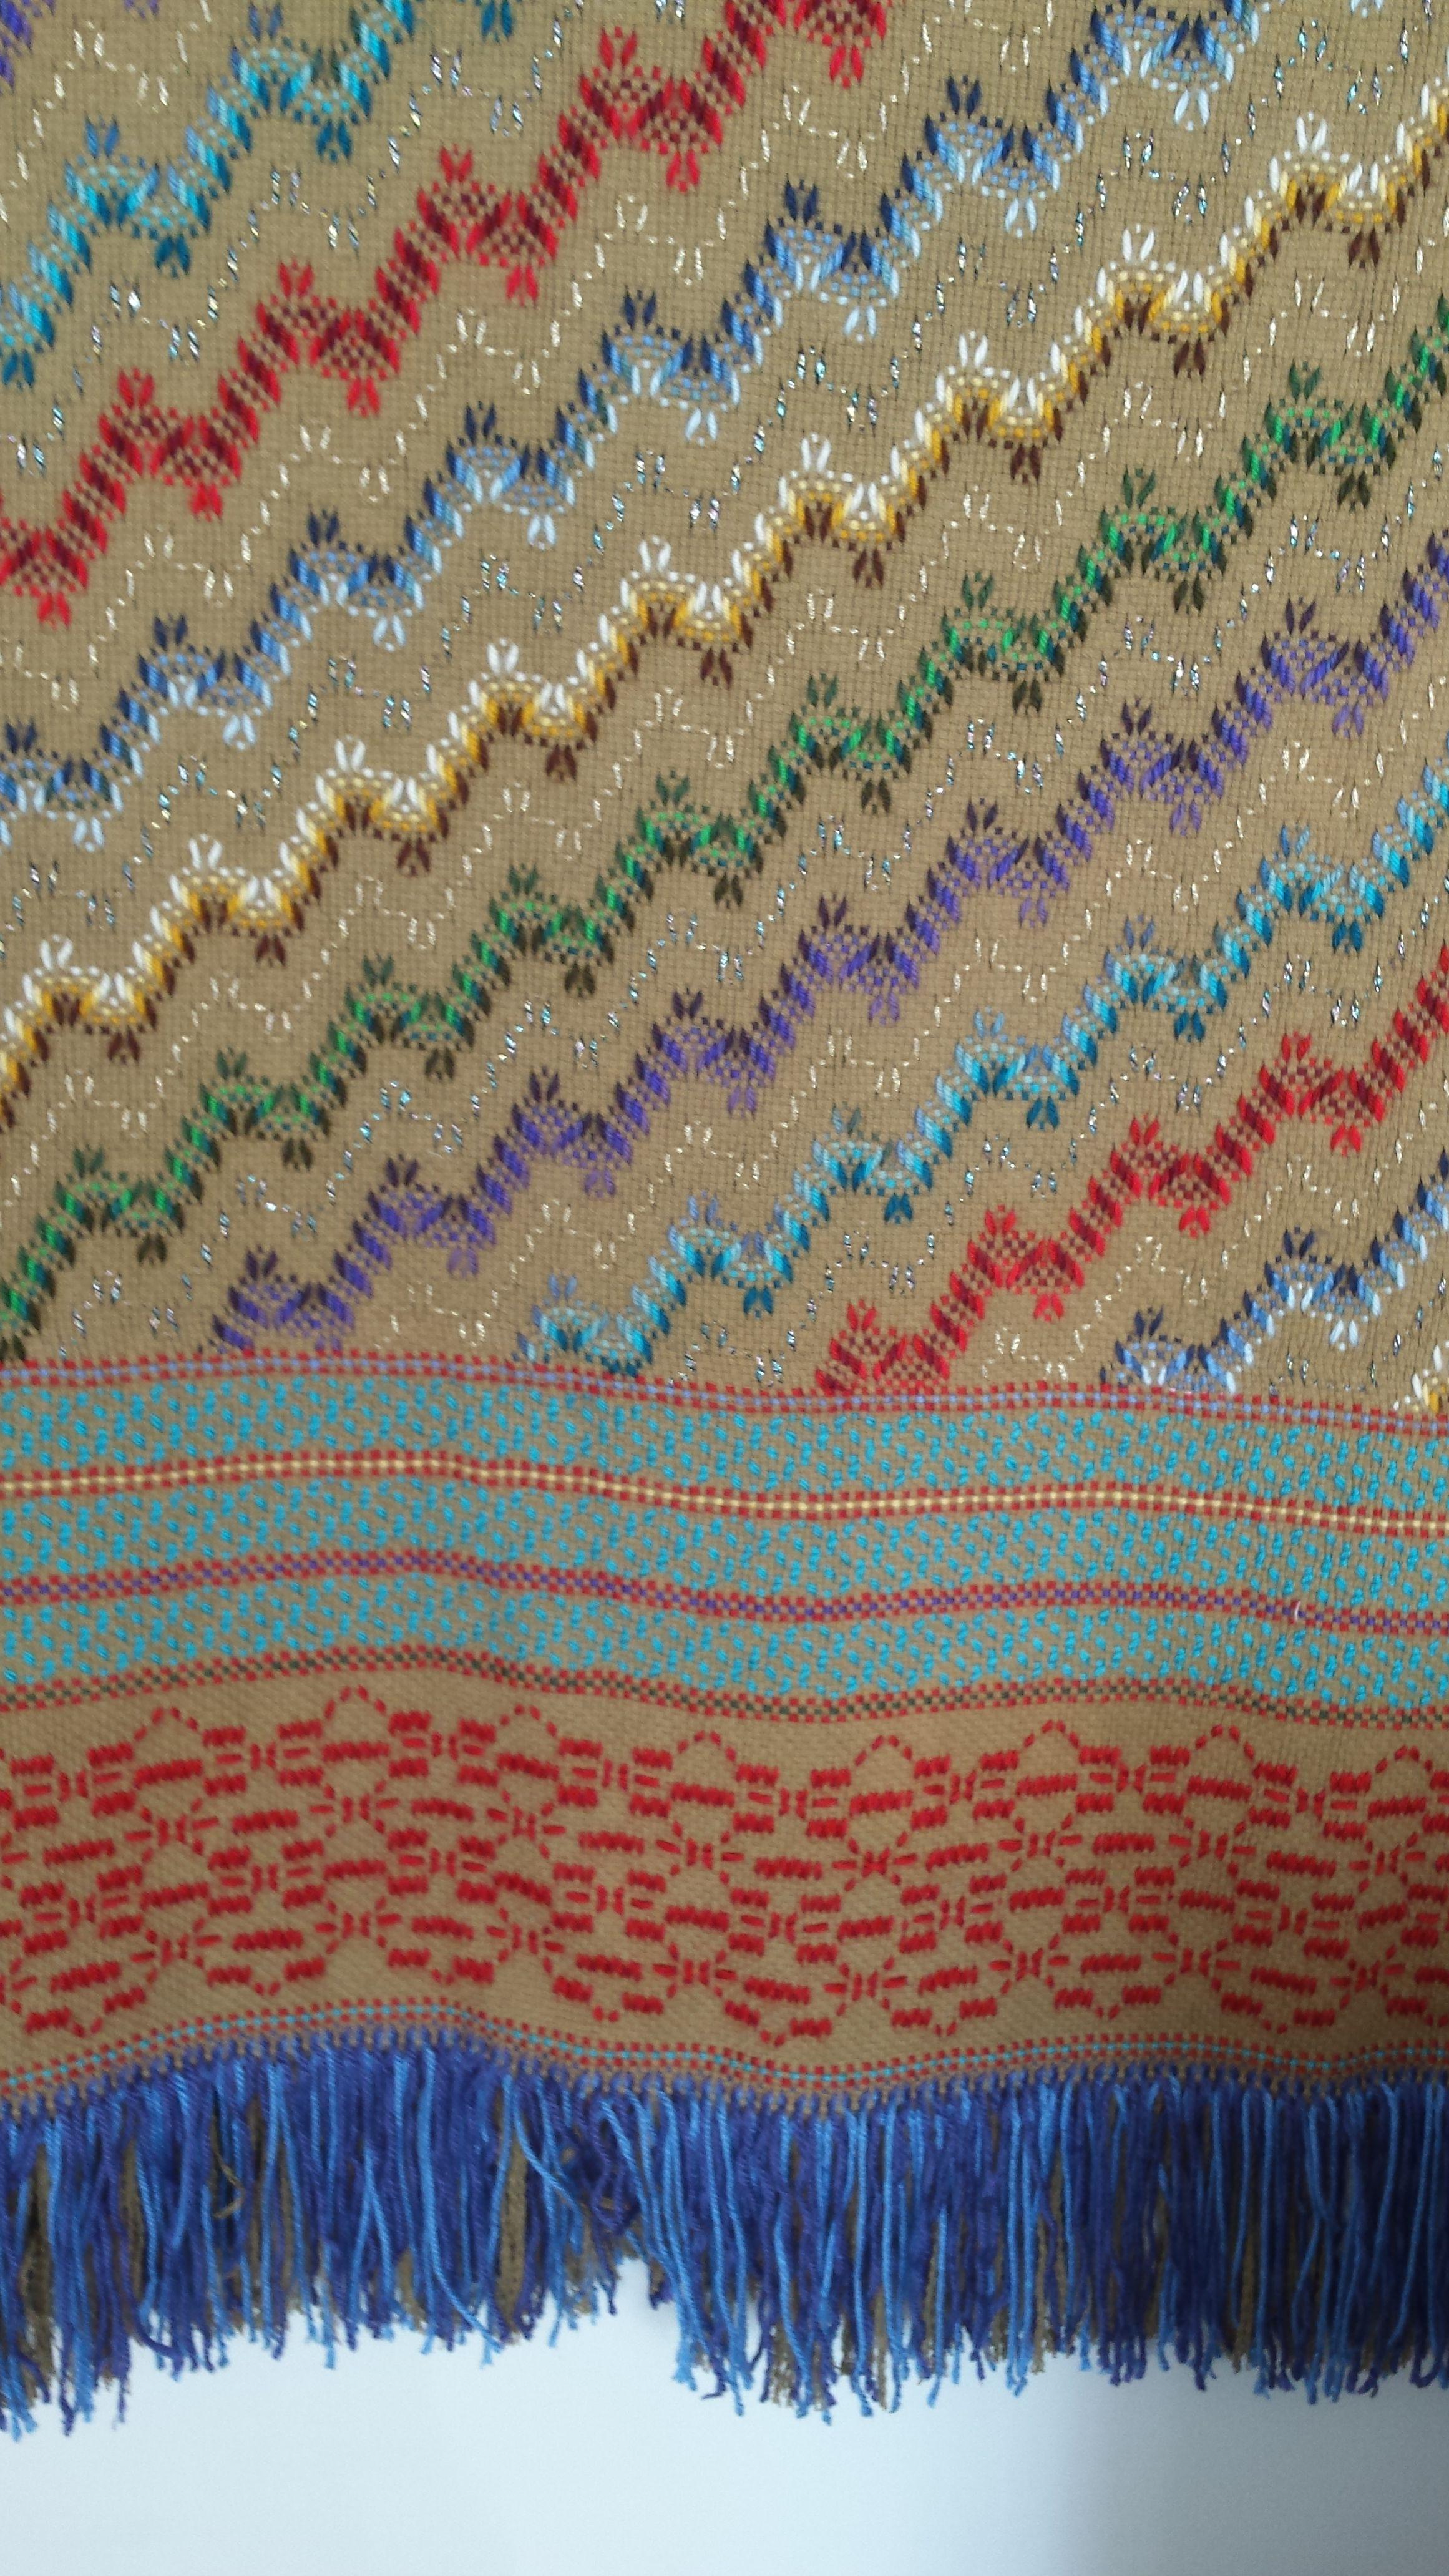 swedish weaving on Idaho potatoe colored monks cloth